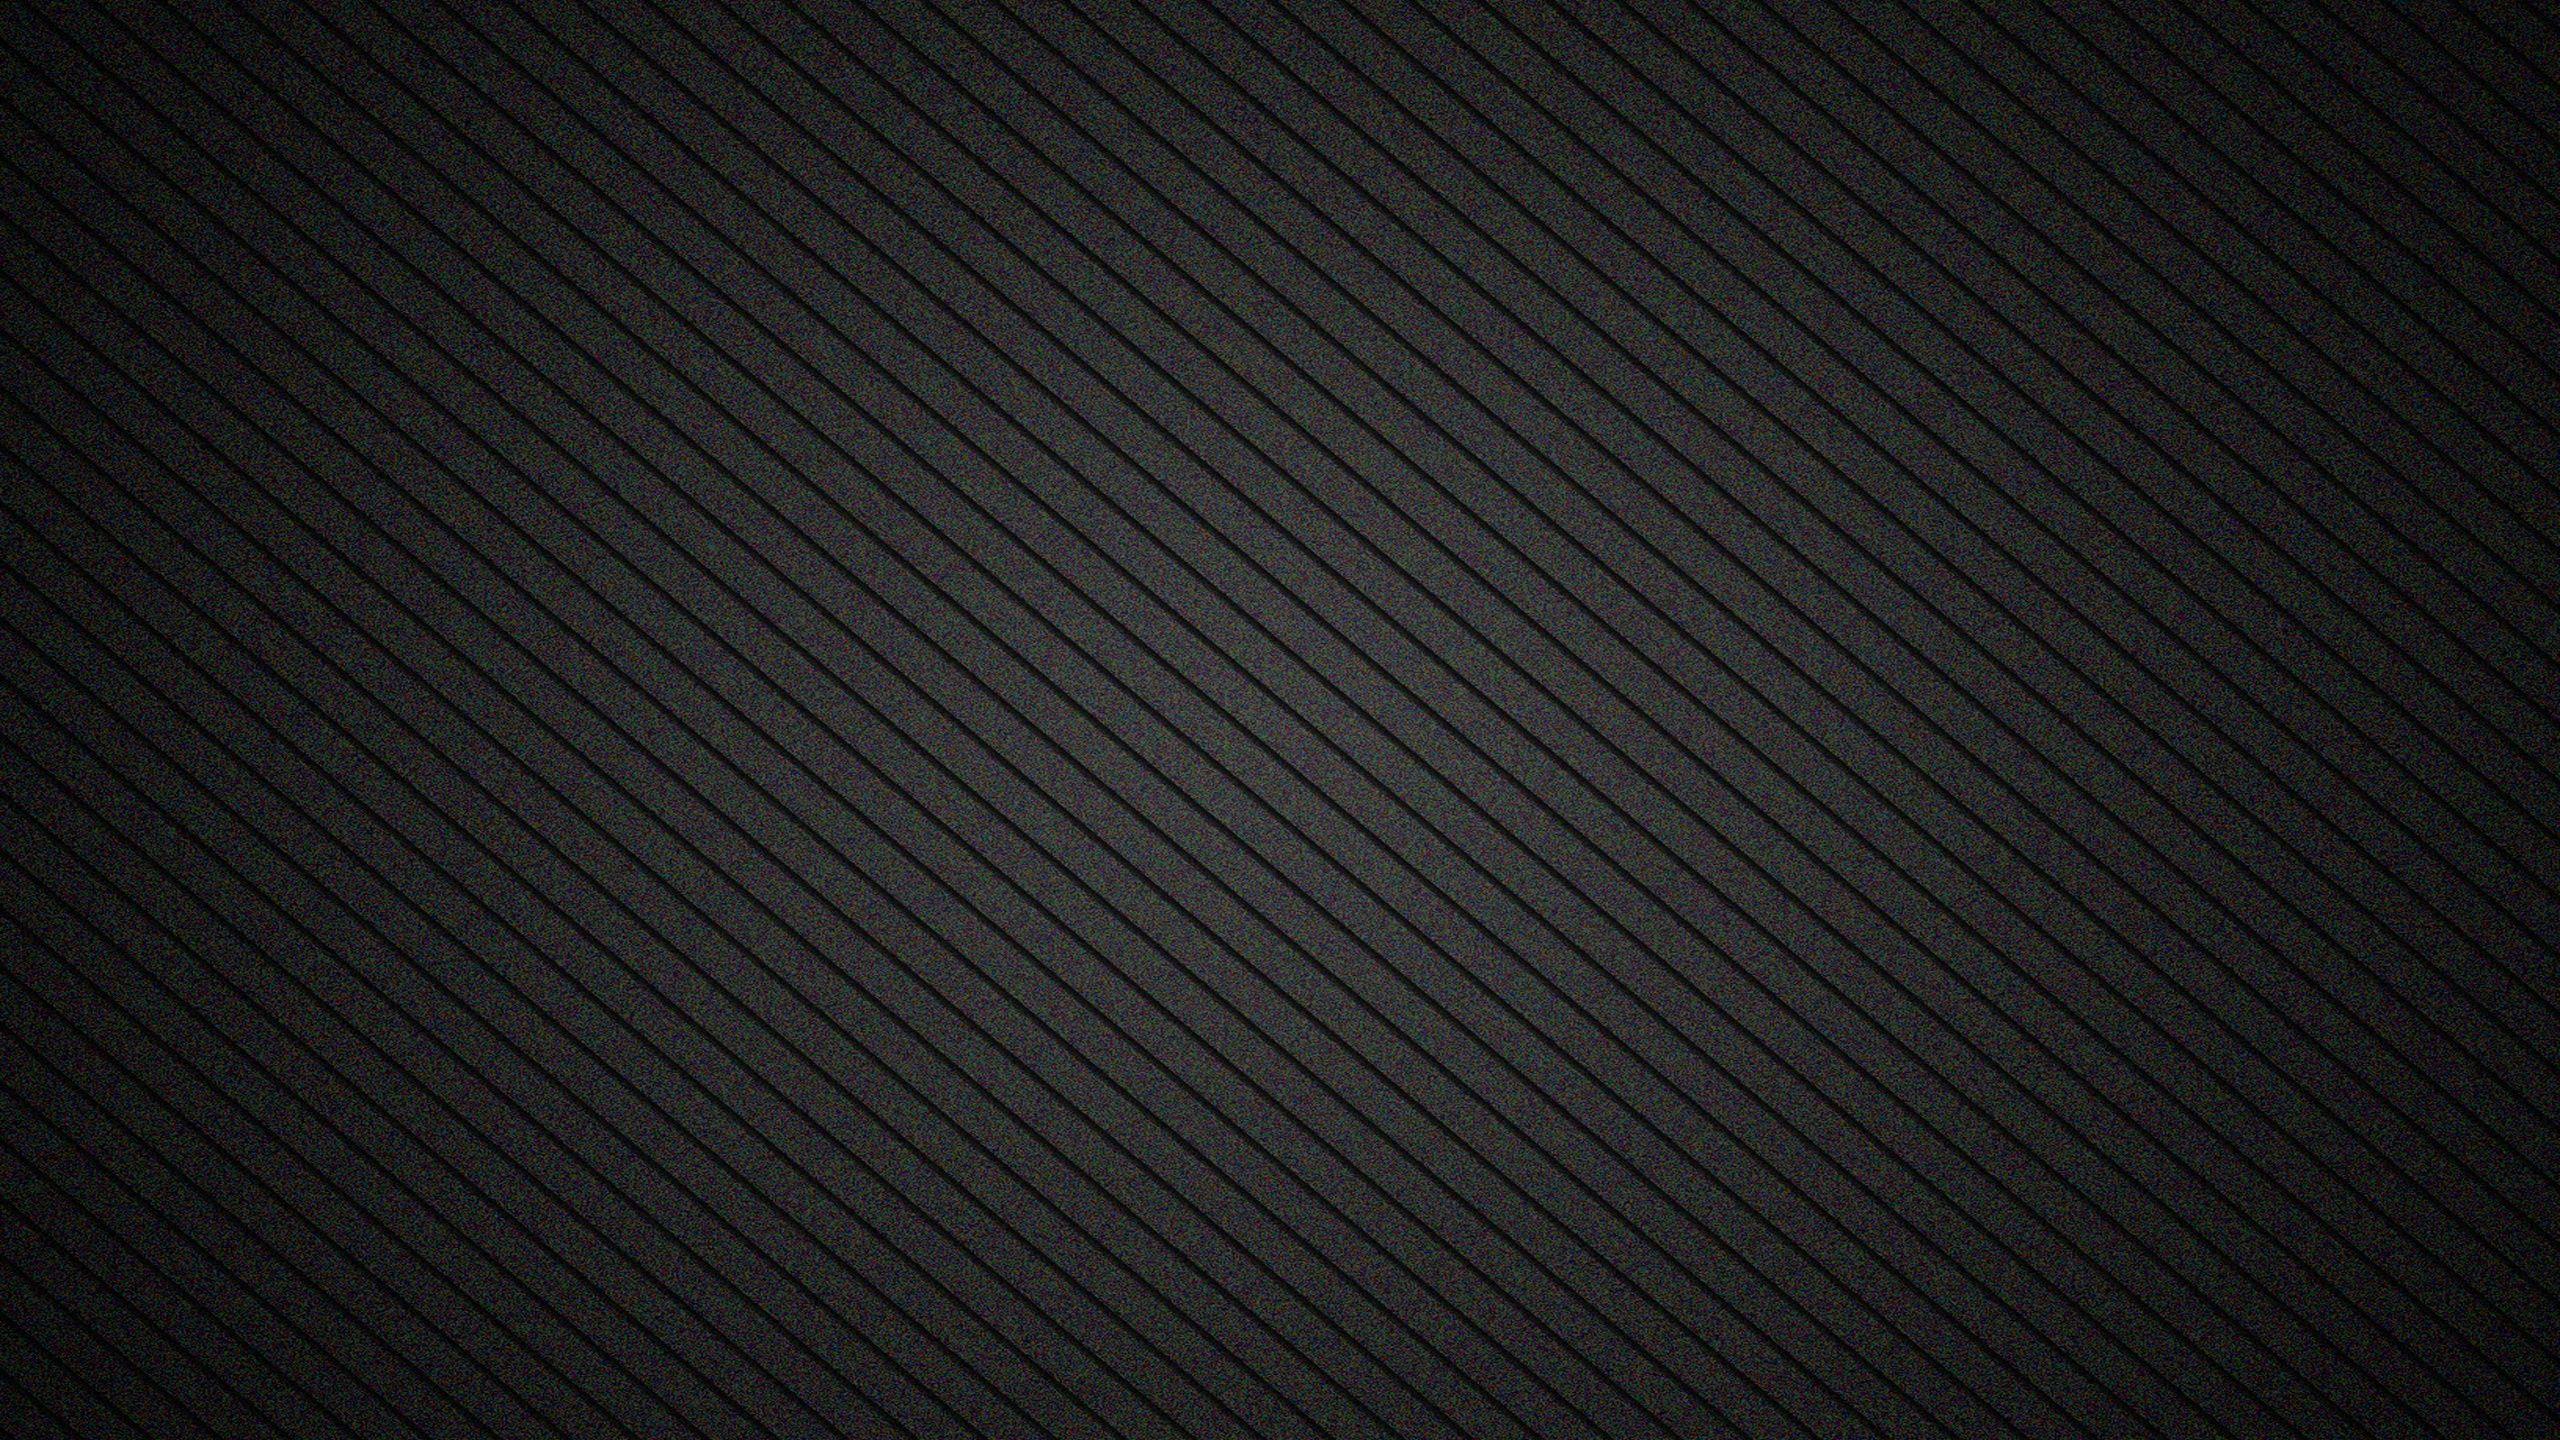 Wallpaper B Wallpapertp 2560x1440 2560 X 1440 41 Wallpapers